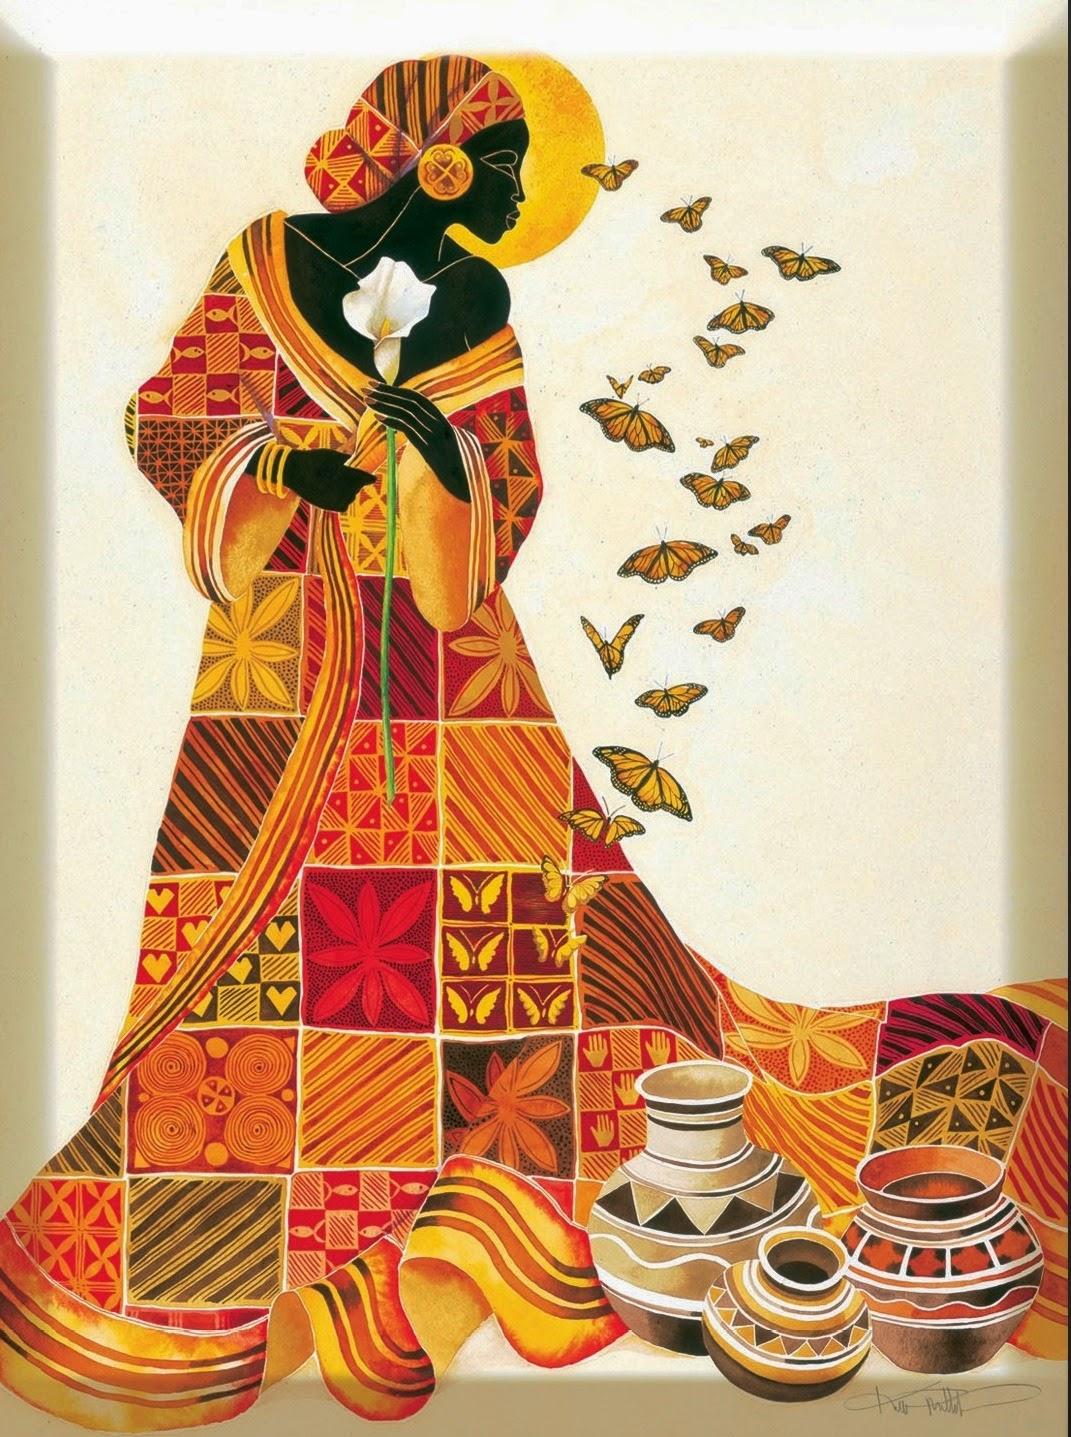 Cuadros modernos pinturas y dibujos cuadros tnicos mujeres africanas - Cuadros de meninas modernos ...